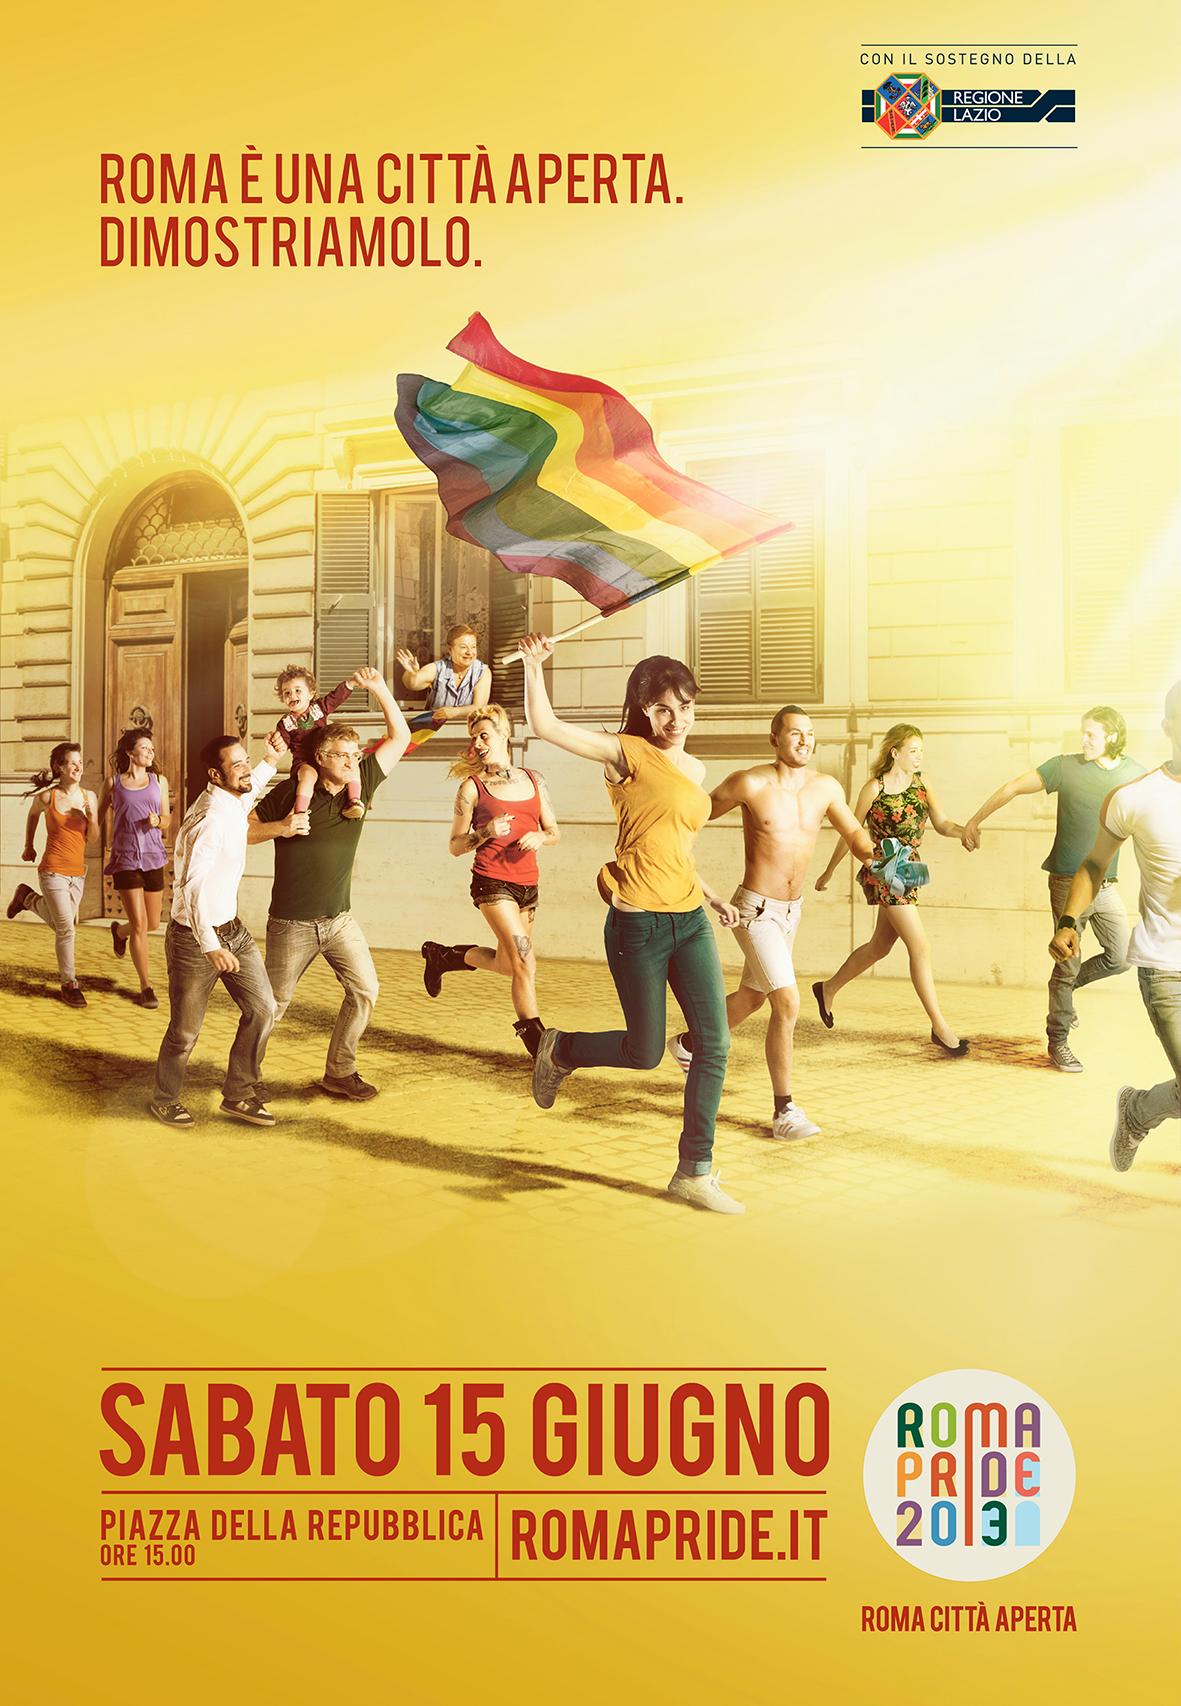 ROMA PRIDE 2013 ADV WEB_